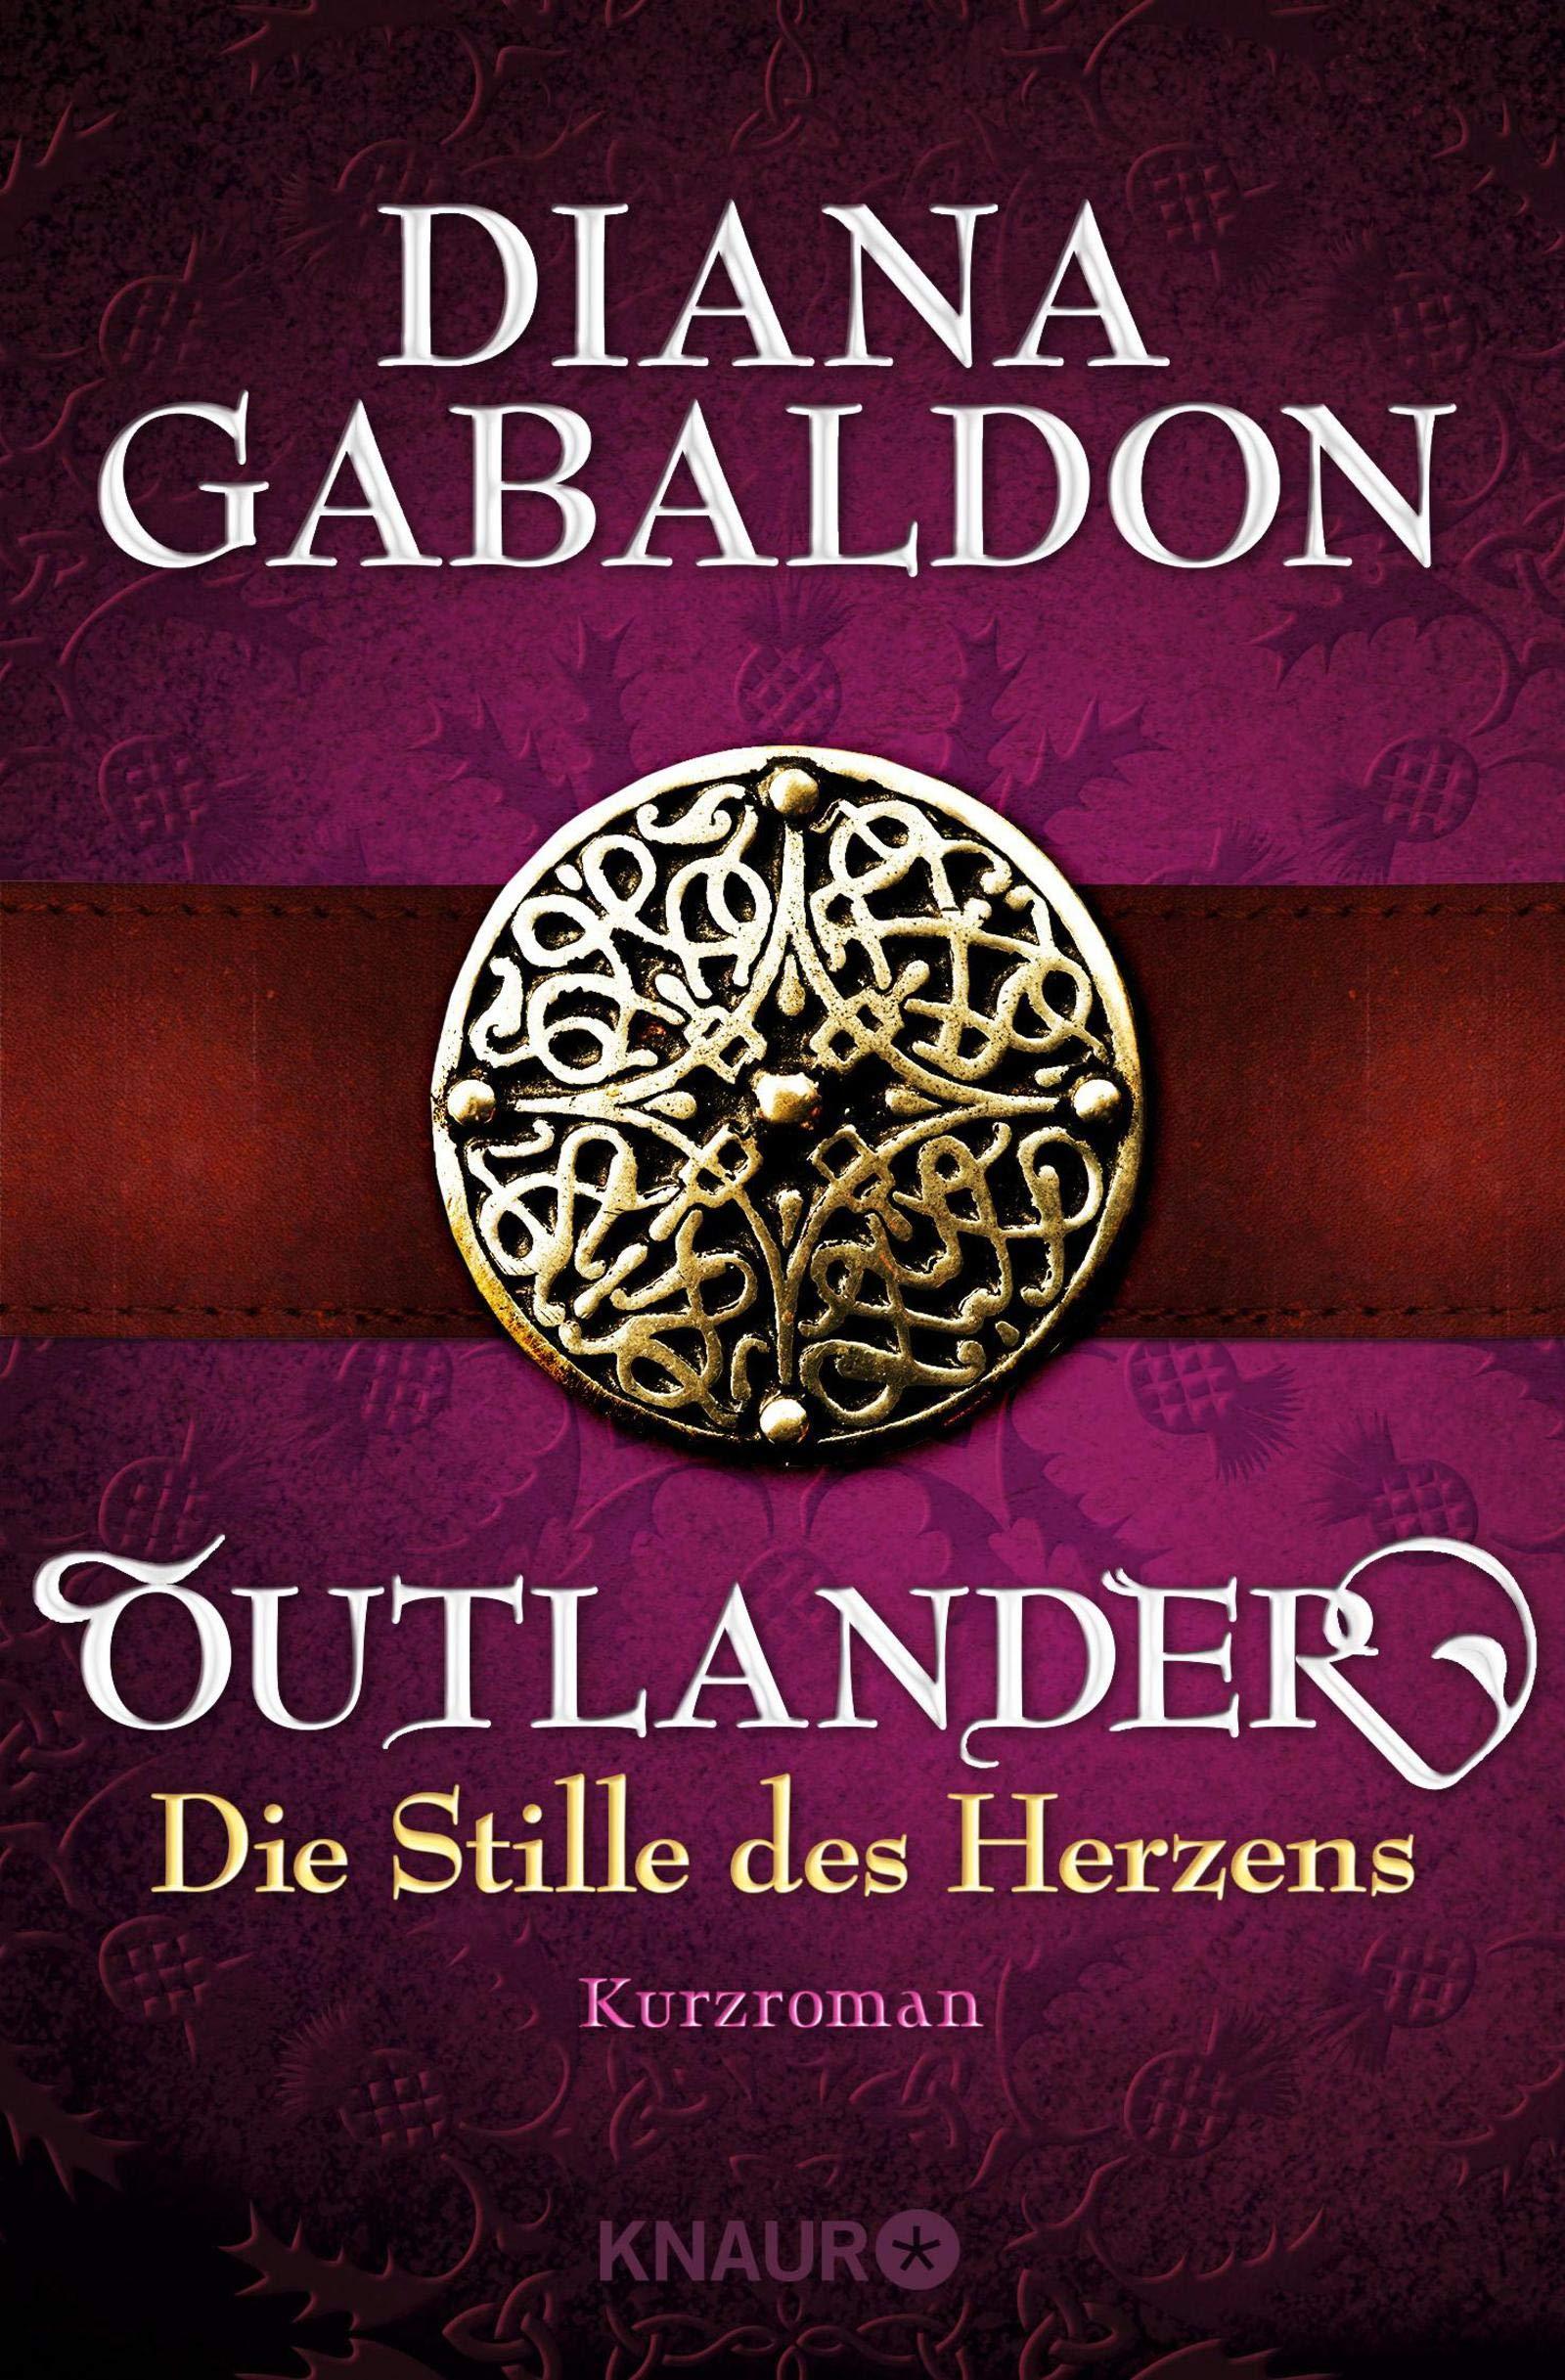 Outlander - Die Stille des Herzens: Kurzroman